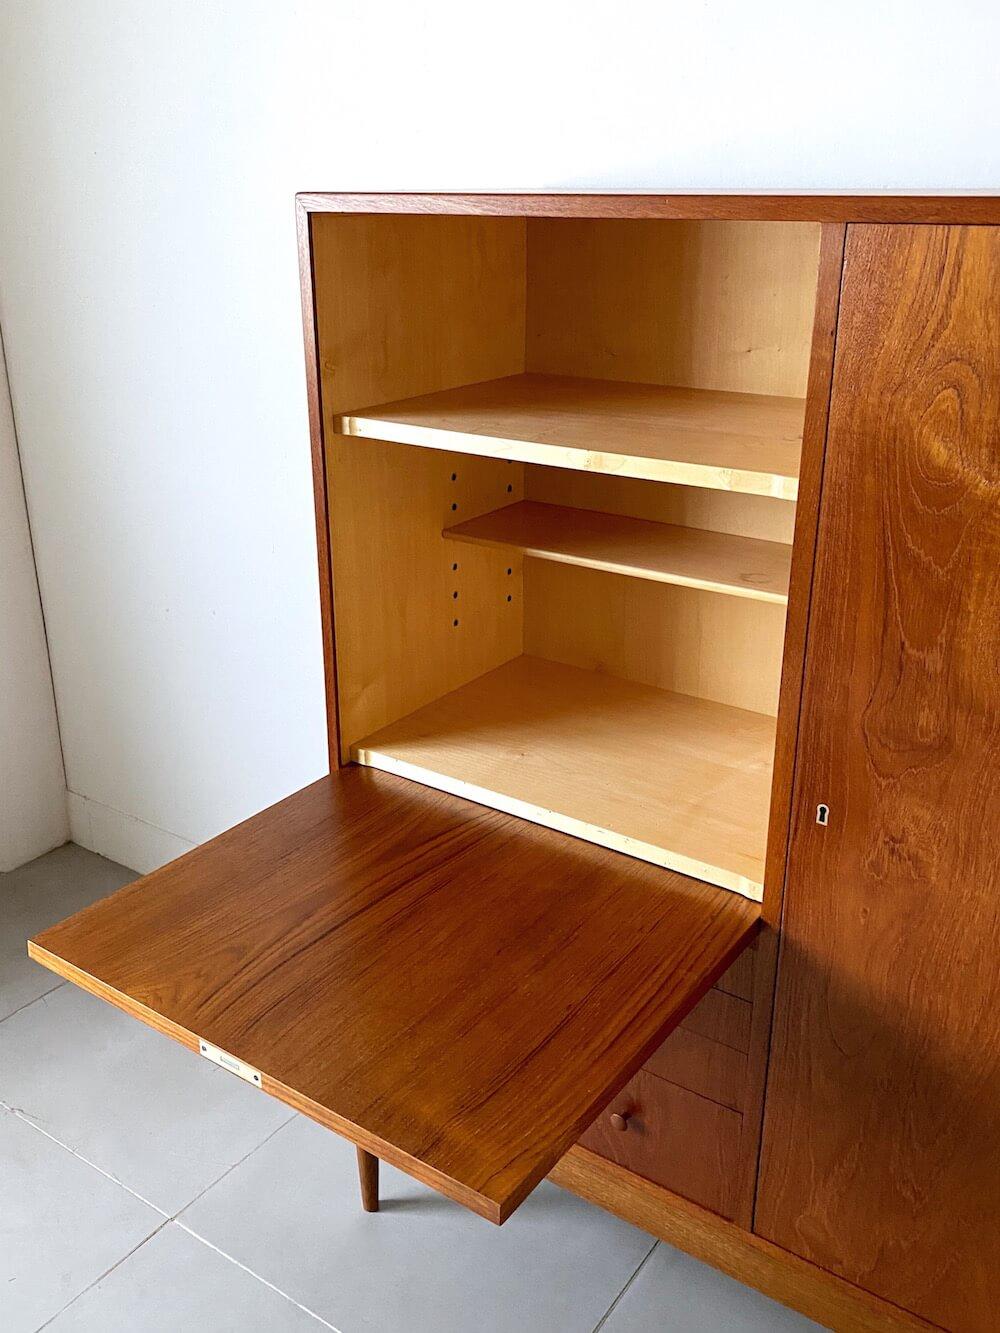 Cabinet by Finn Juhl for Soren Willadsen